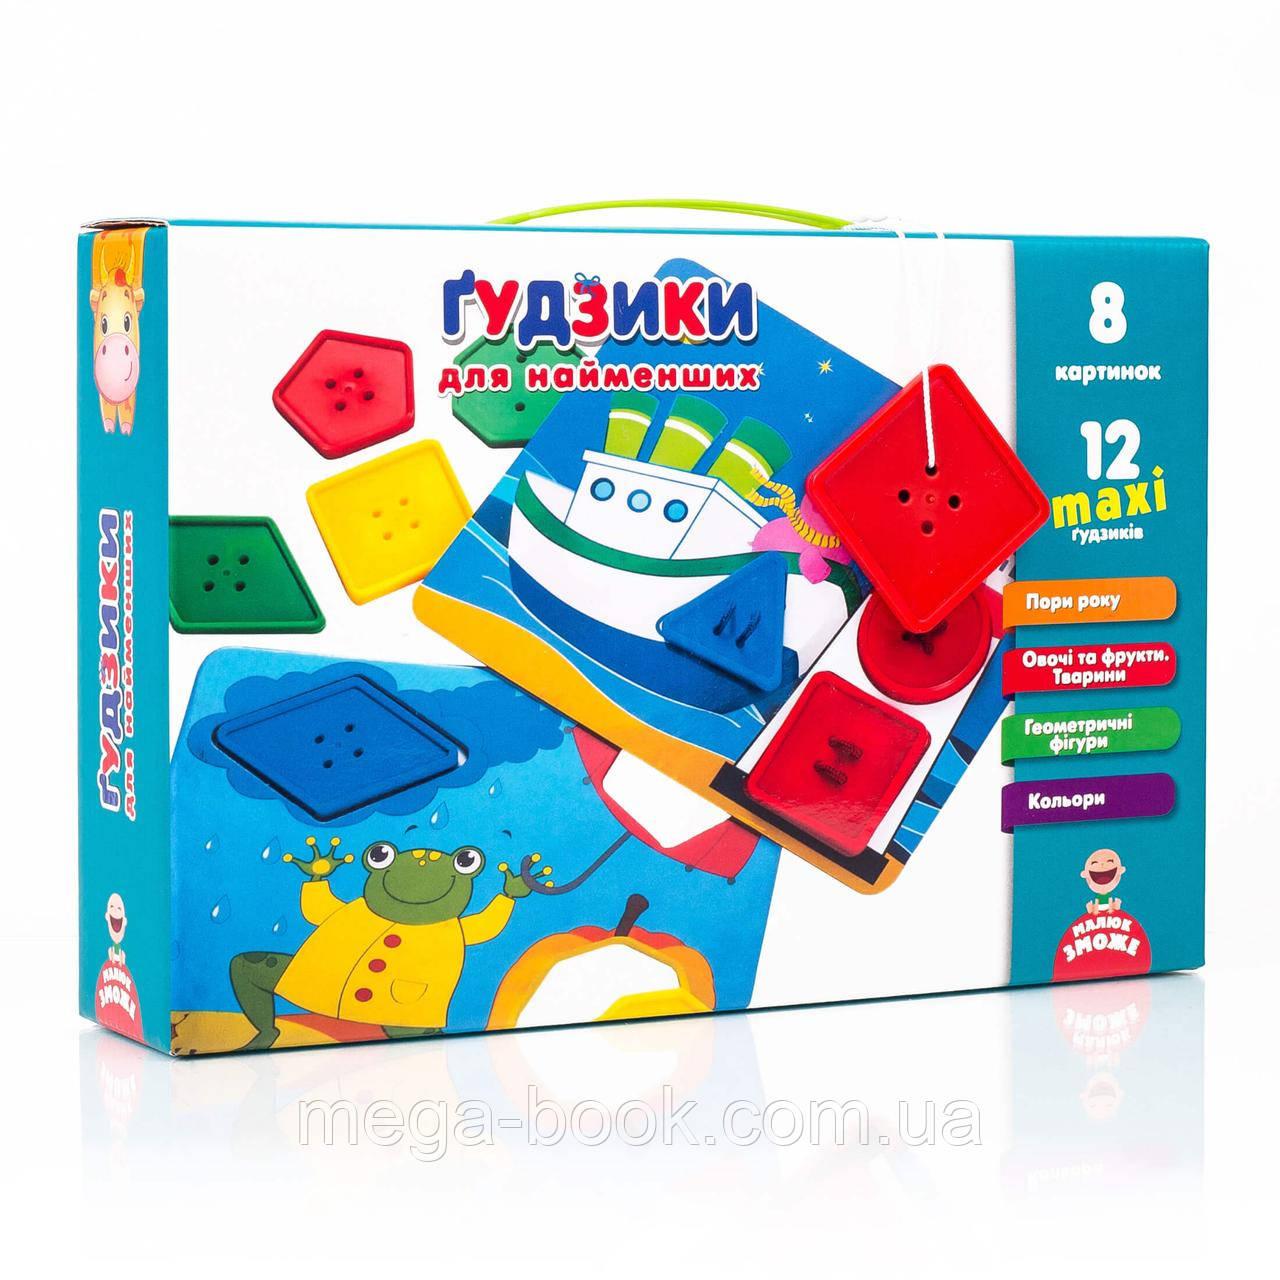 Ґудзики для найменших. Vladi Toys